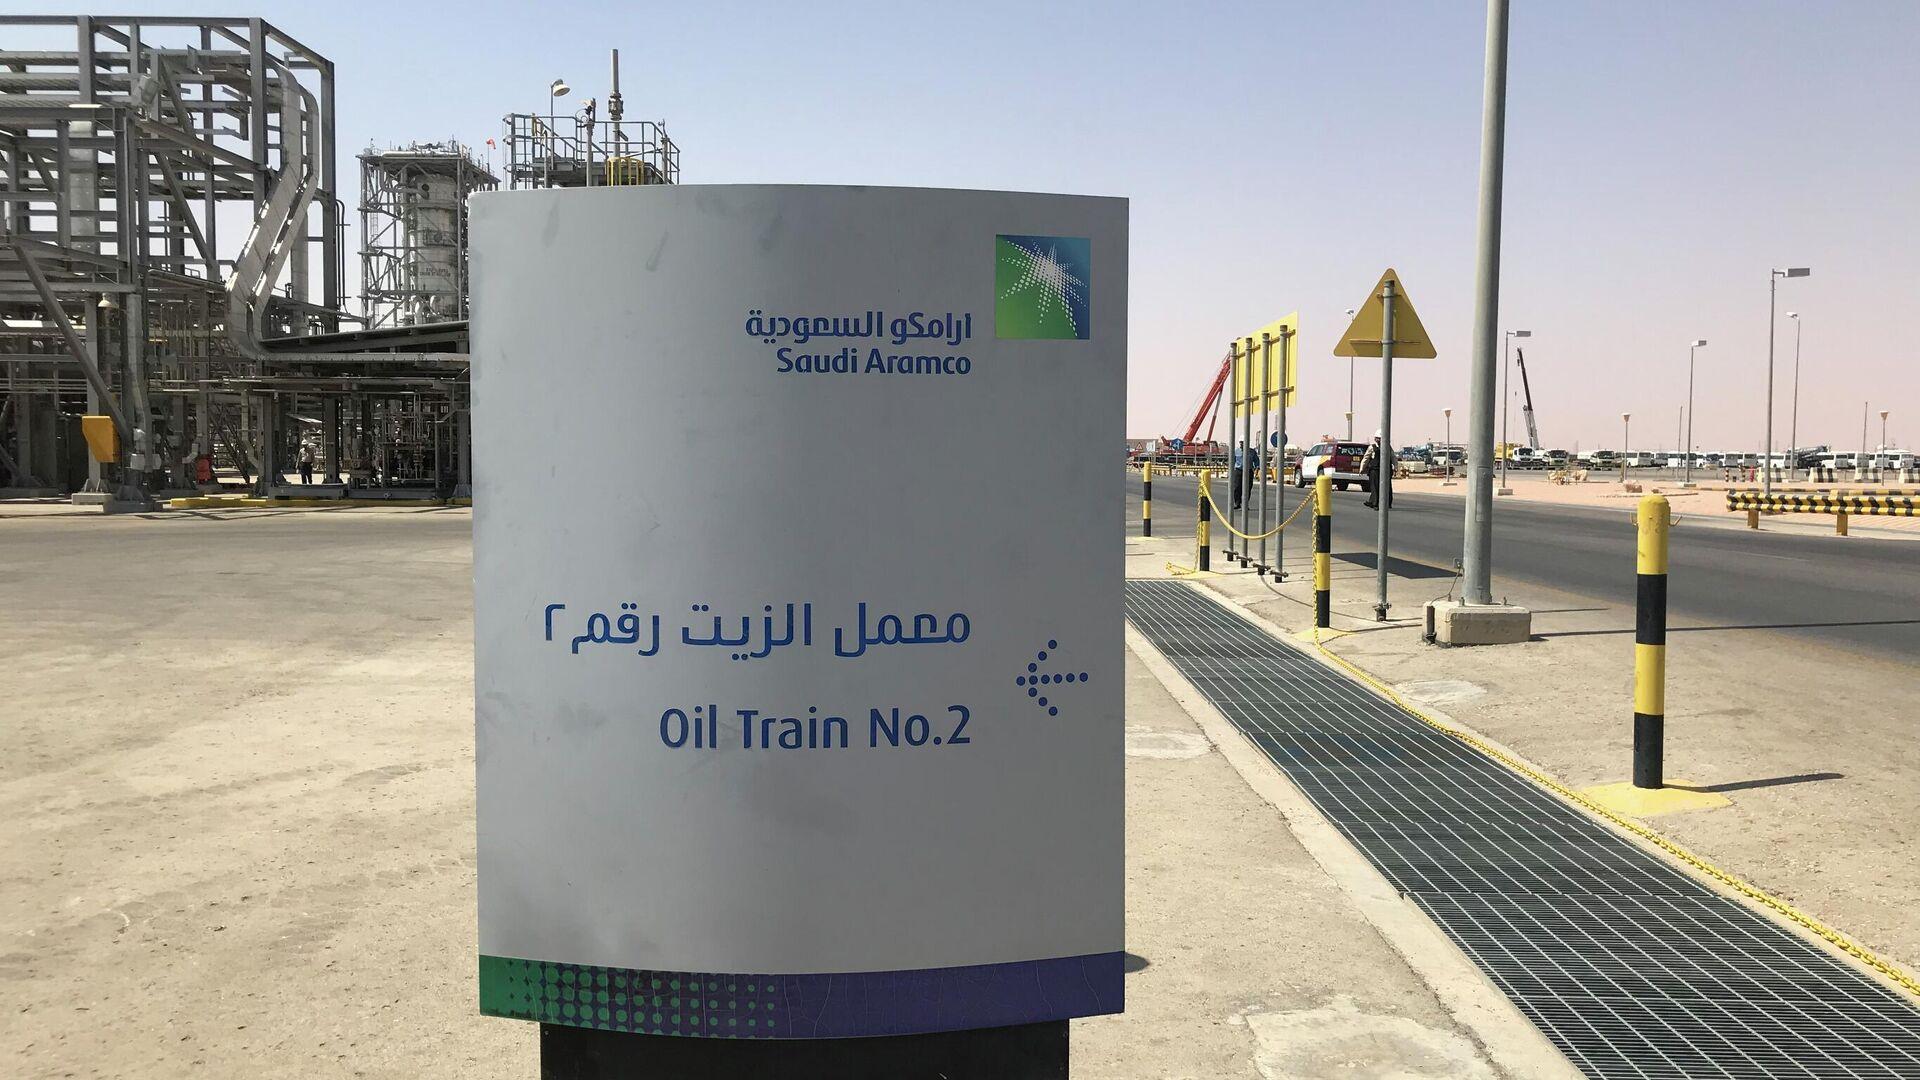 СМИ сообщили об обстреле крупного нефтеперерабатывающего завода в Ираке